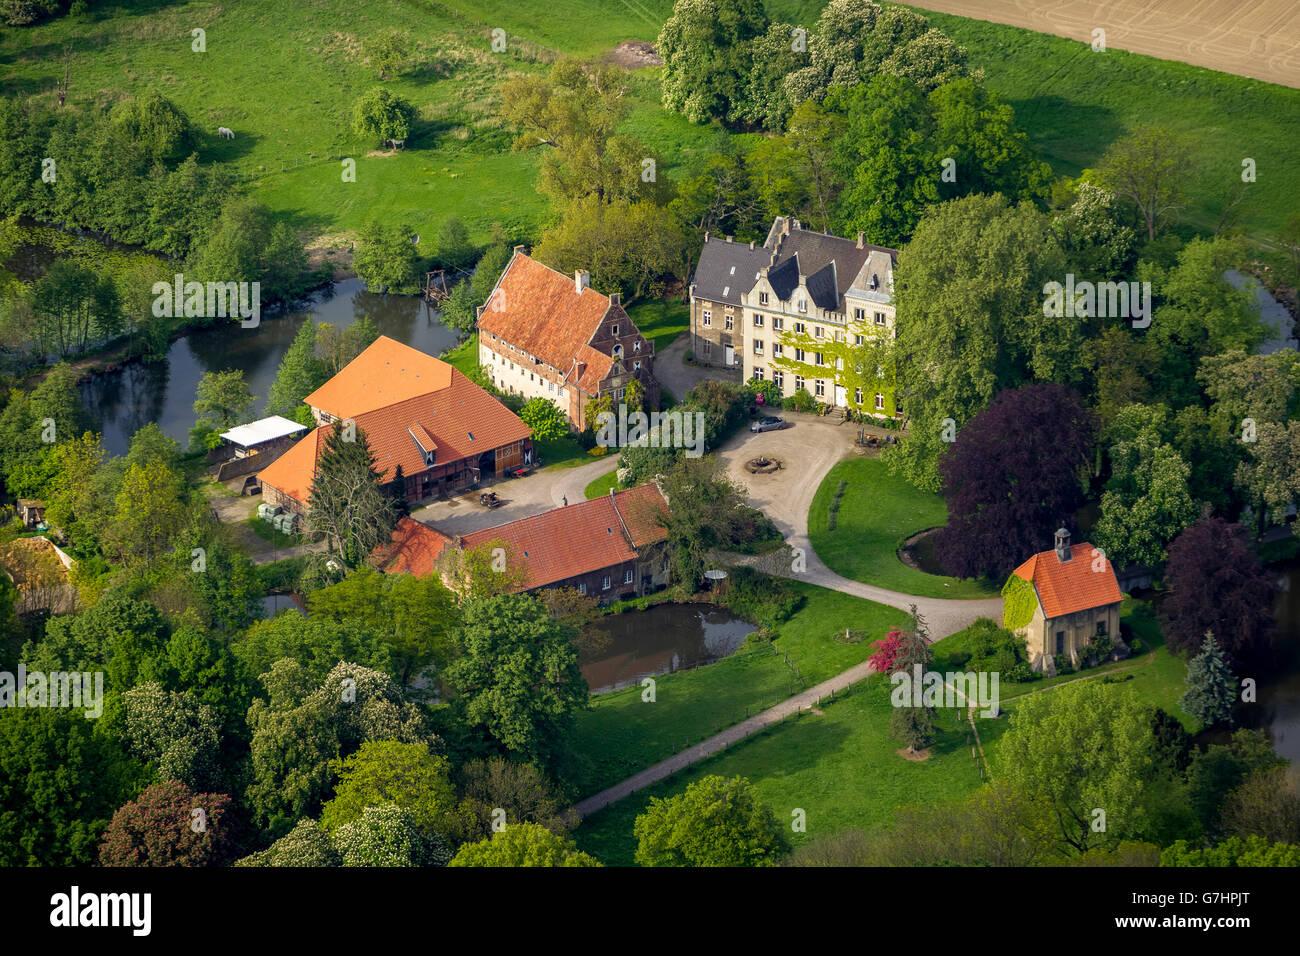 Aerial view, Schloss Ermelinghof, Hamm, Ruhr Area, North Rhine Westphalia, Germany, Europe, Aerial view, birds-eyes - Stock Image